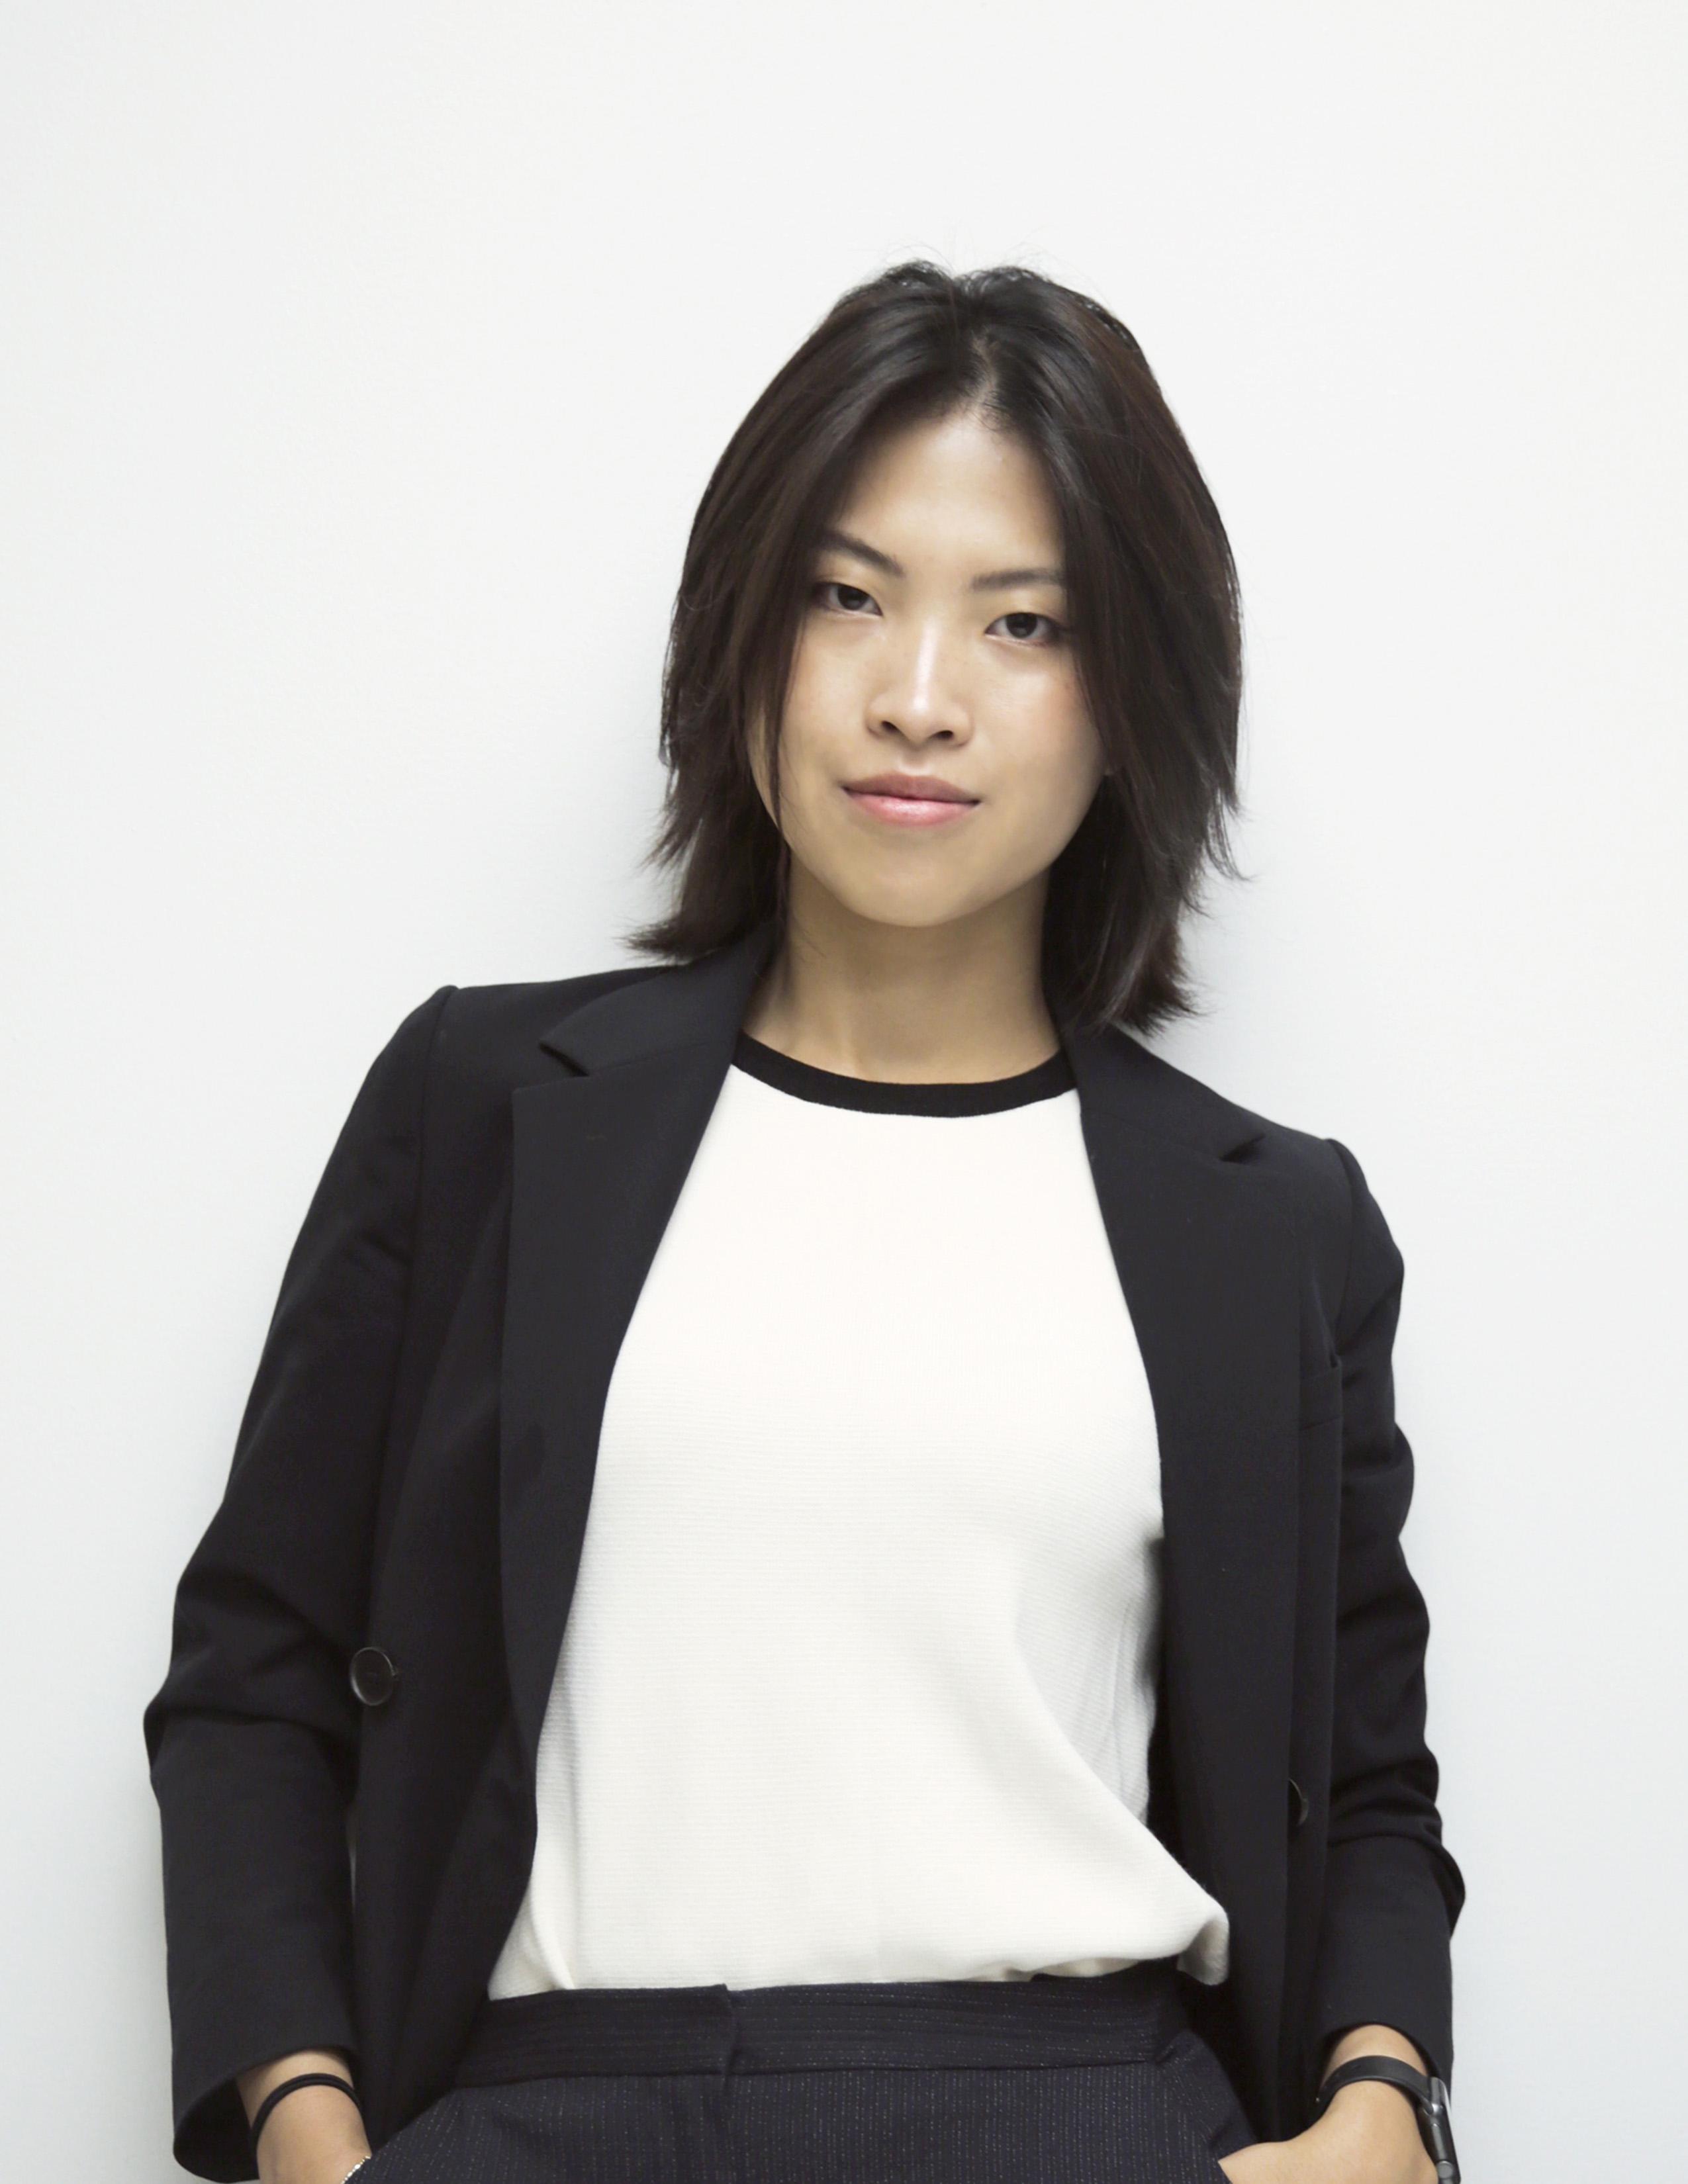 Ruiqi Liu